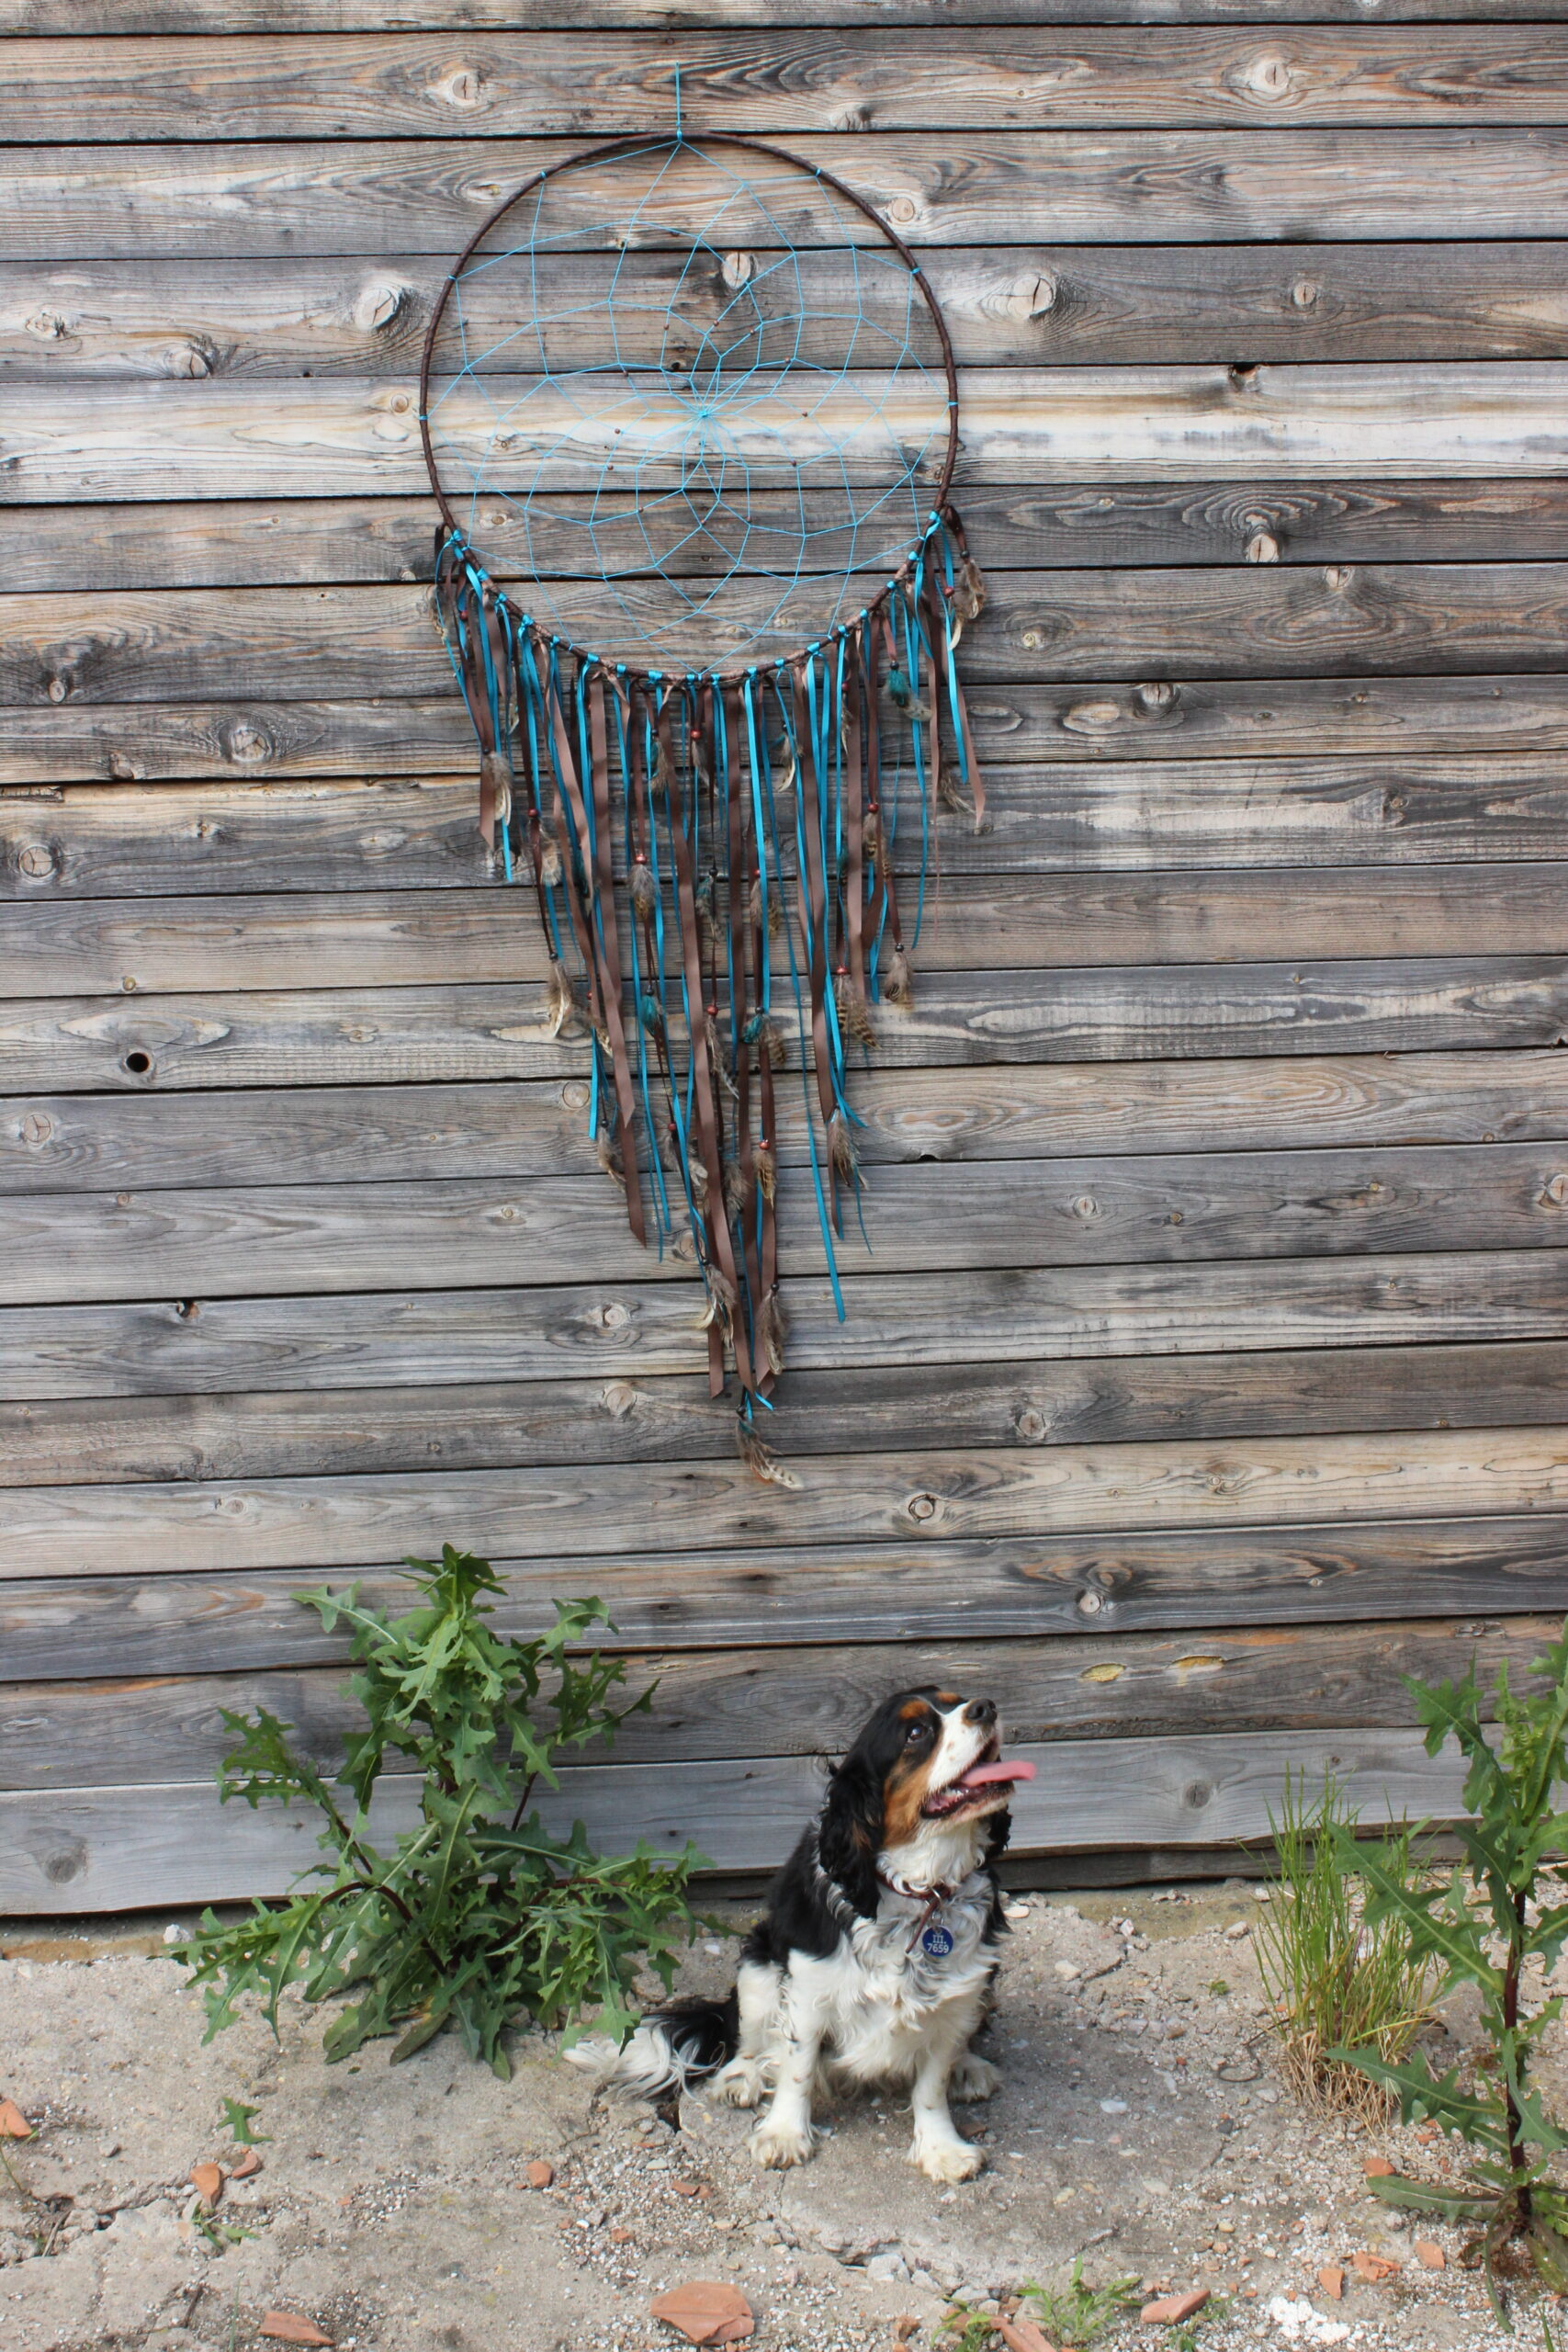 Obrovský tyrkysovo-hnědý lapač snů od JB tvorba zavěšený na dřevěném pozadí se sedícím psem